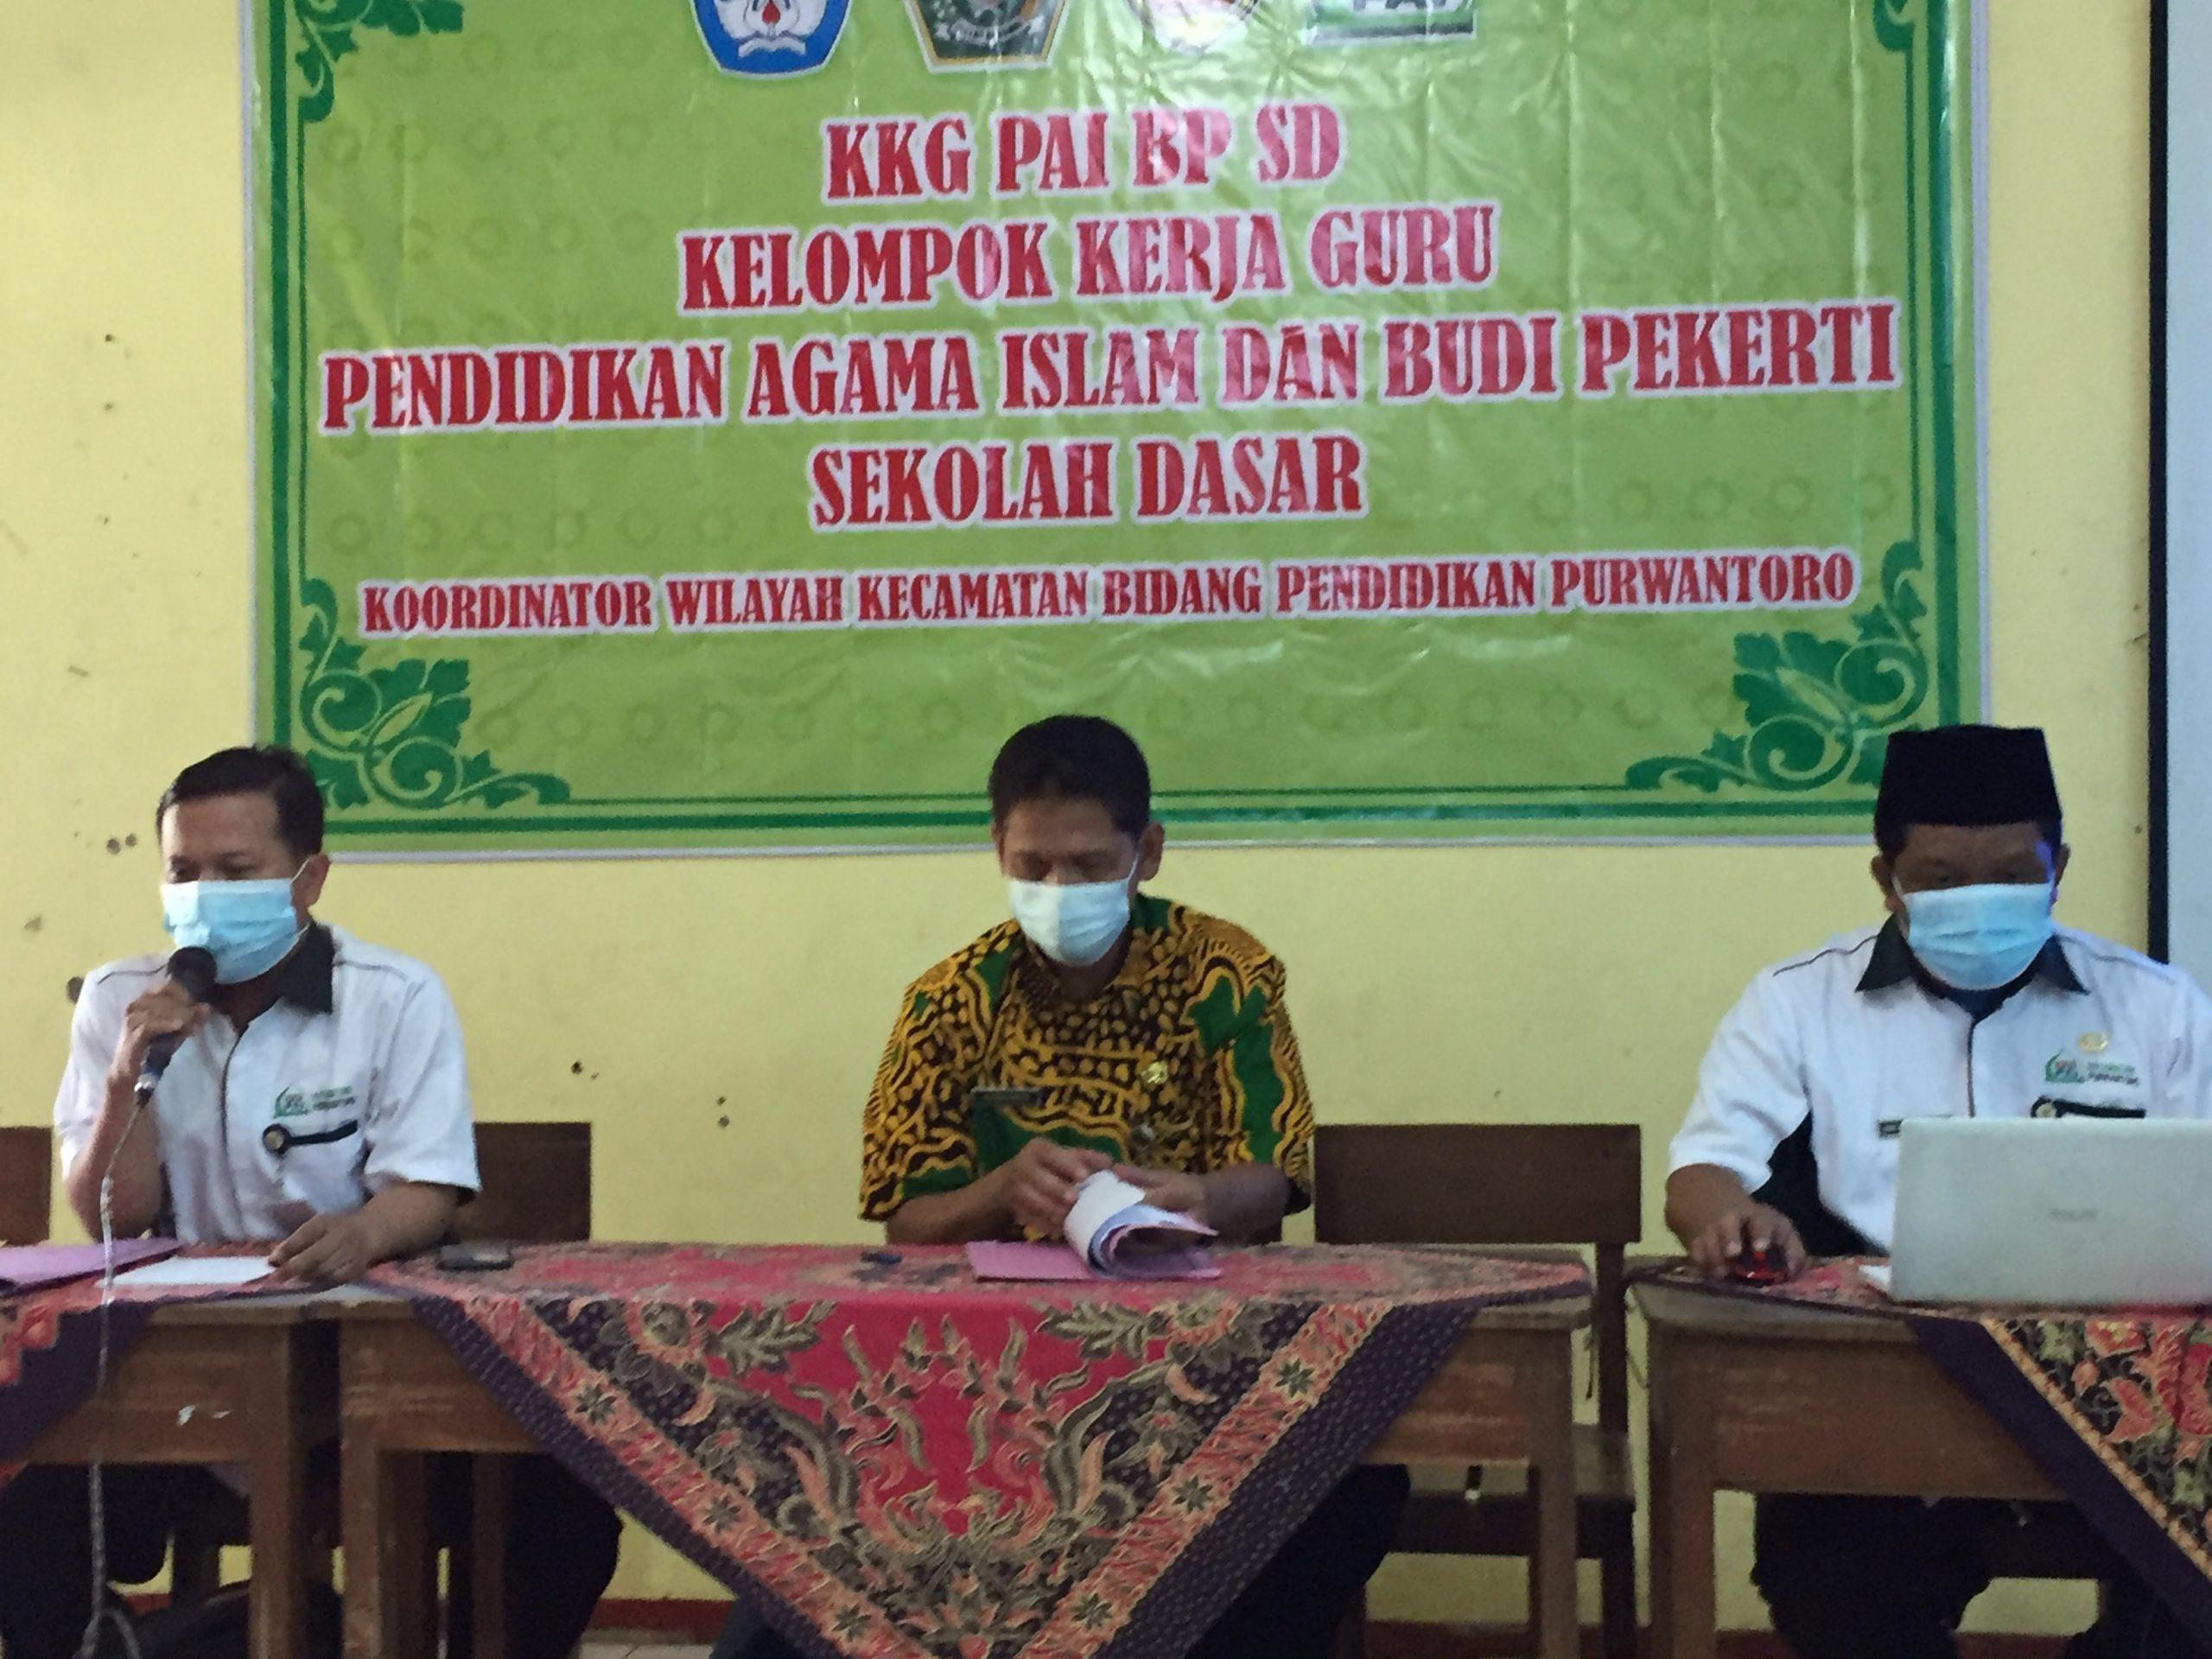 KKG PAI BP SD Koordiantor Wilayah Kecamatan Bidang Pendidikan Purwantoro